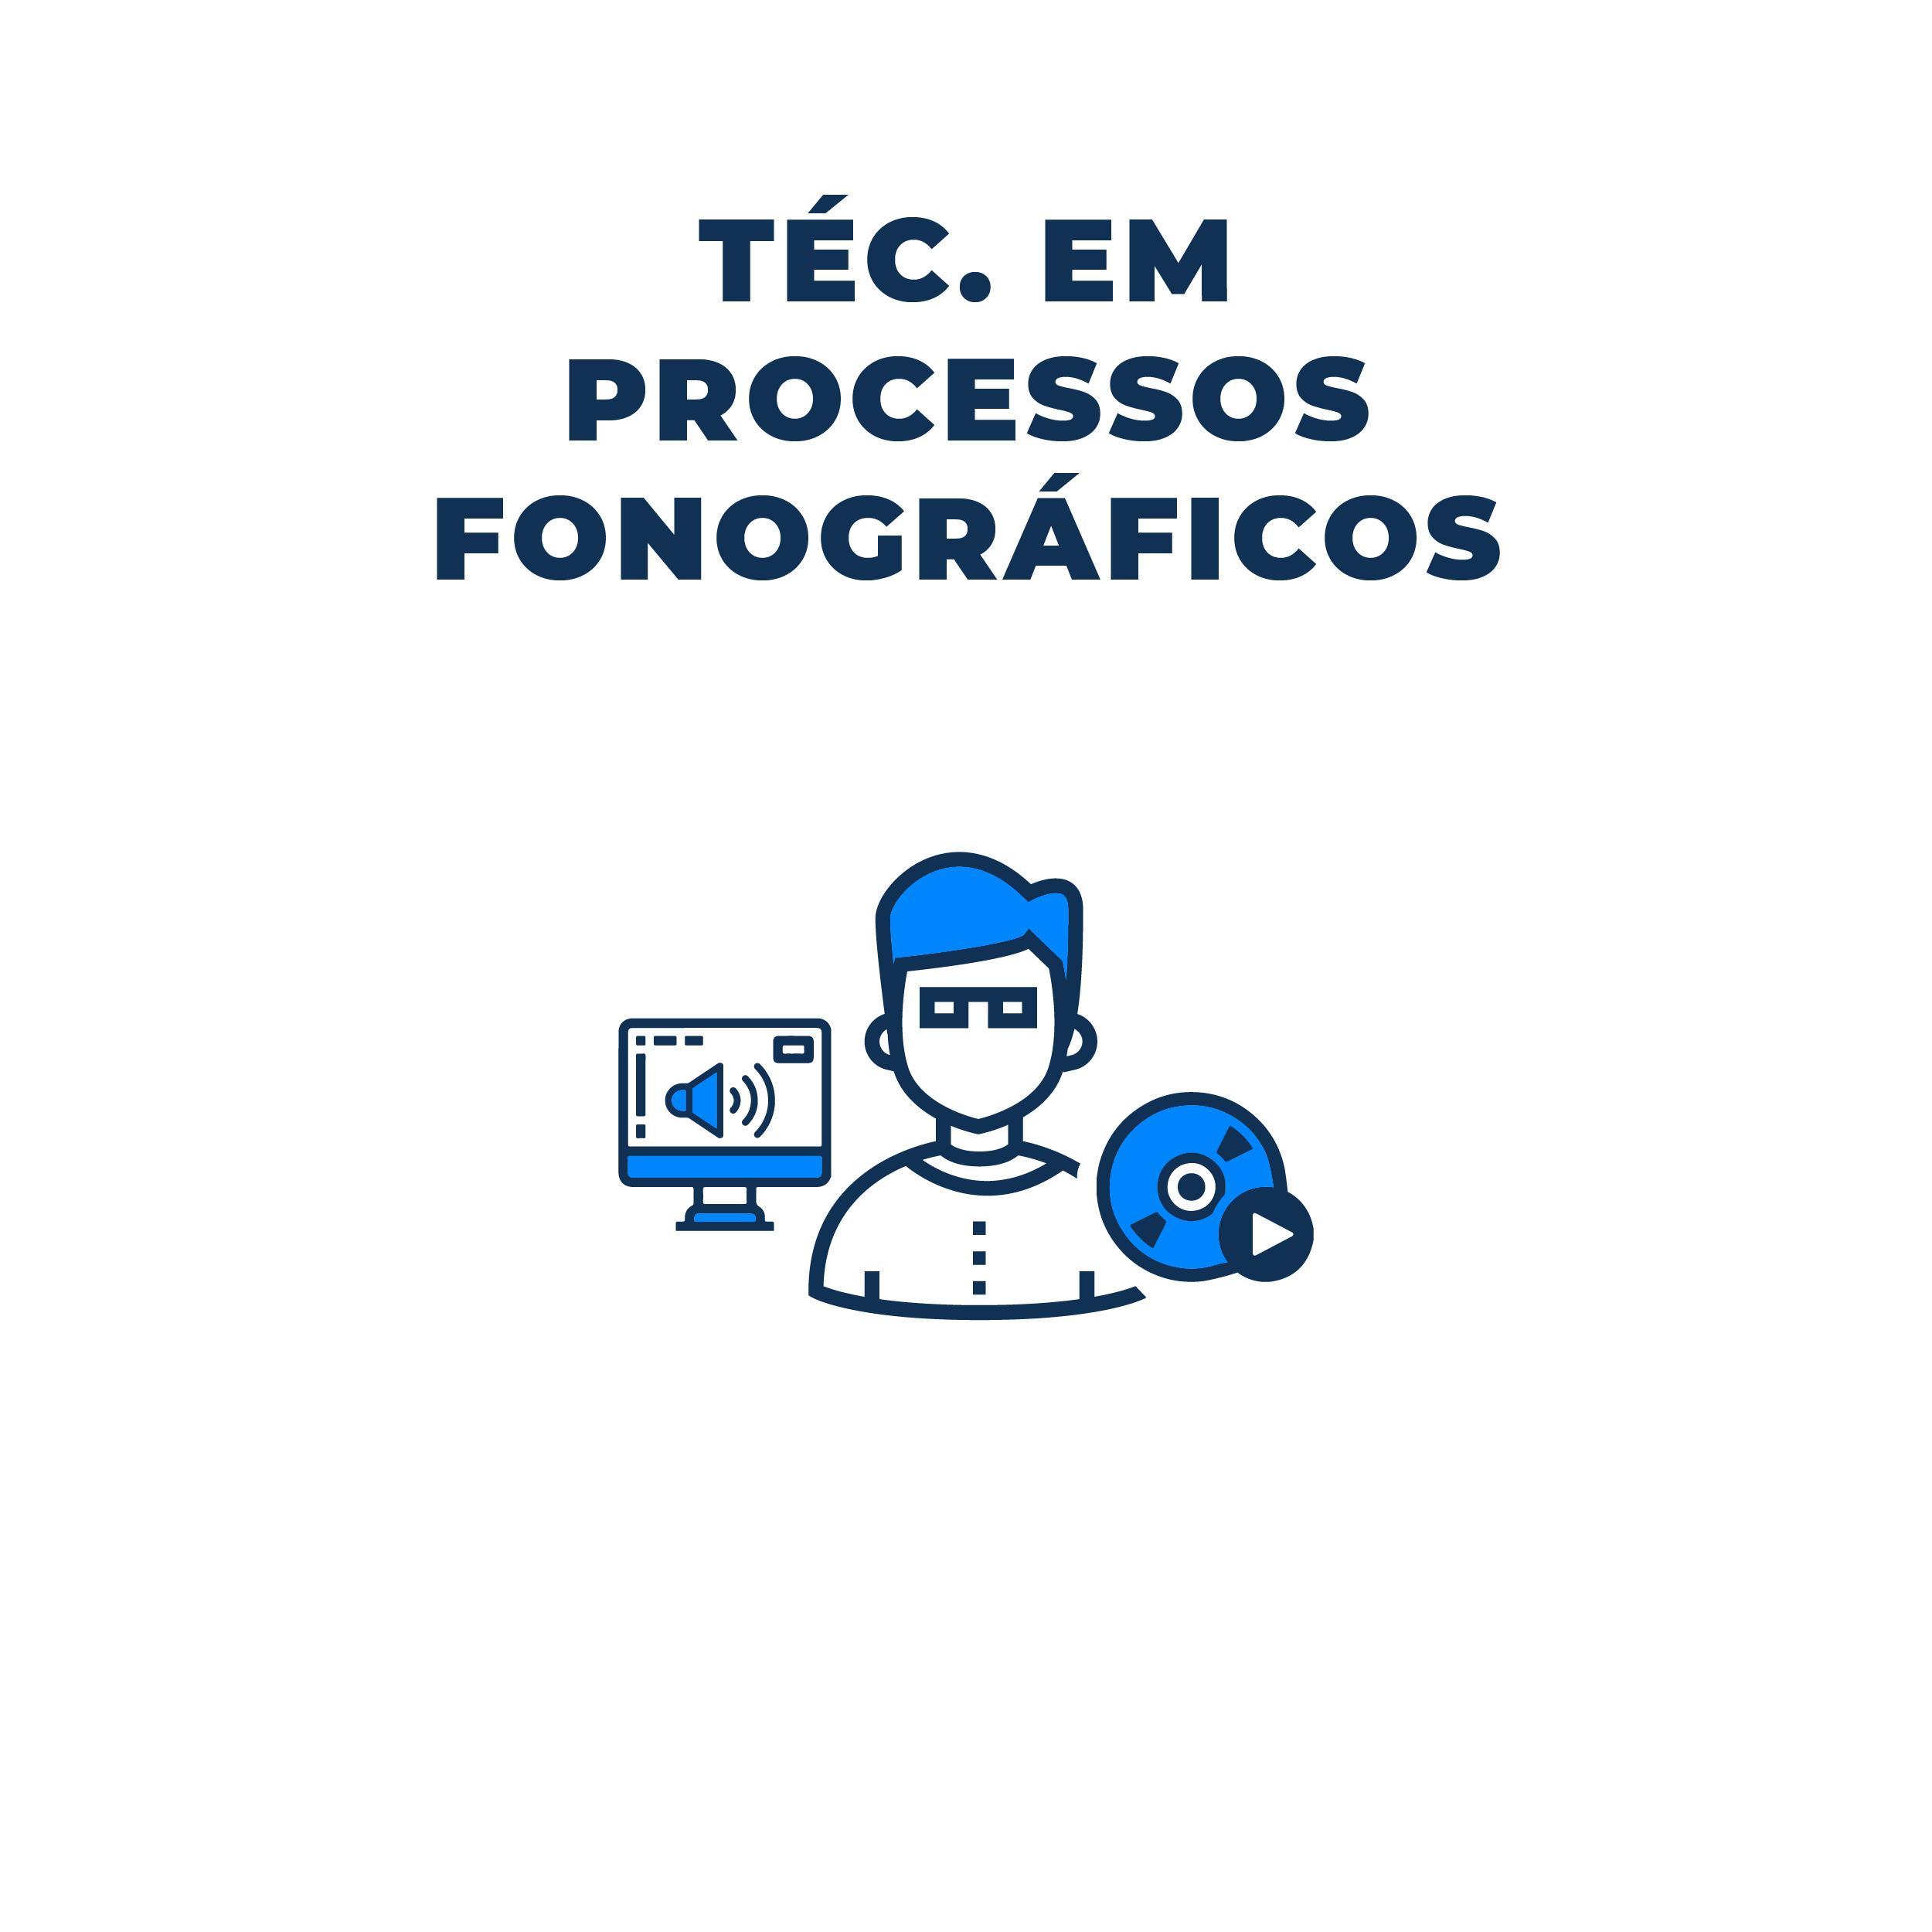 fonograficos